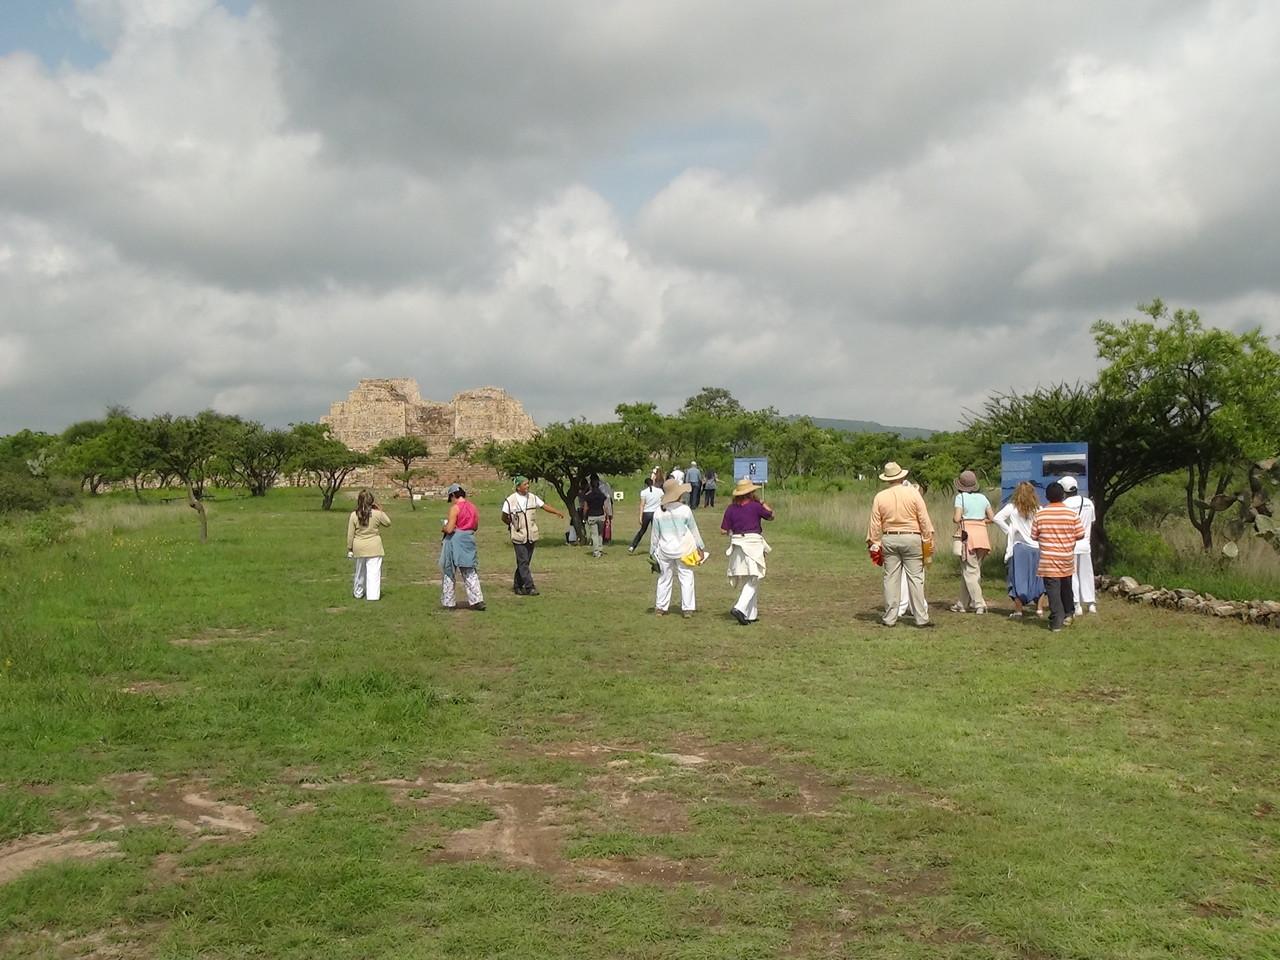 Pyramid / pirámide Cañada de la Virgen (near/cerca de San Miguel de Allende)